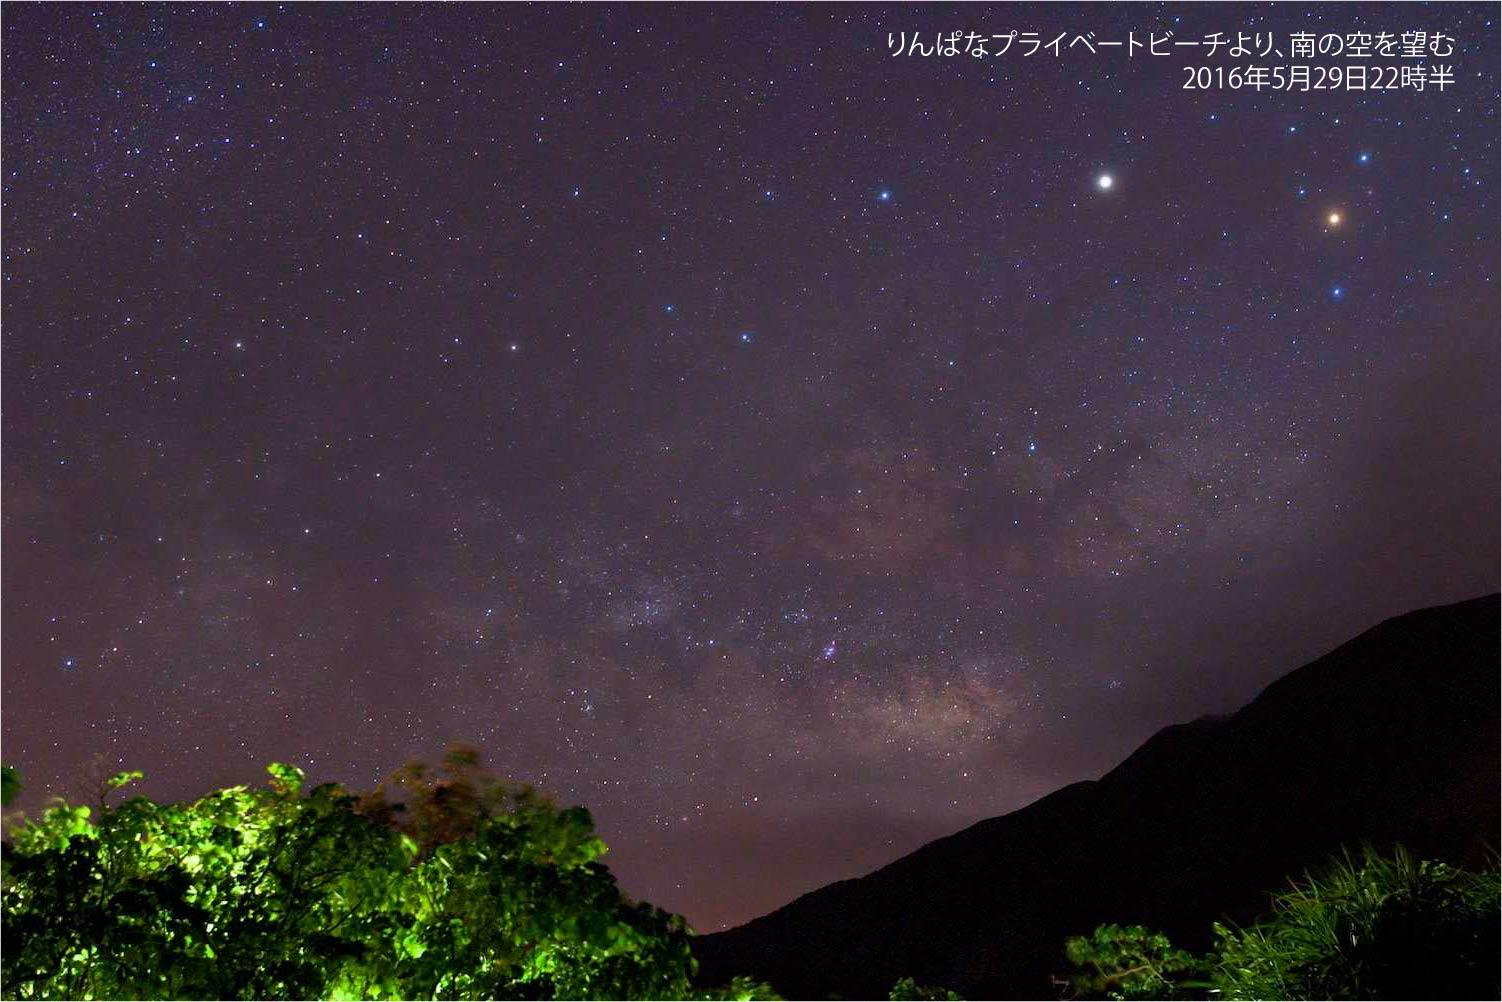 同じ時間に星空を比較した写真(田舎)